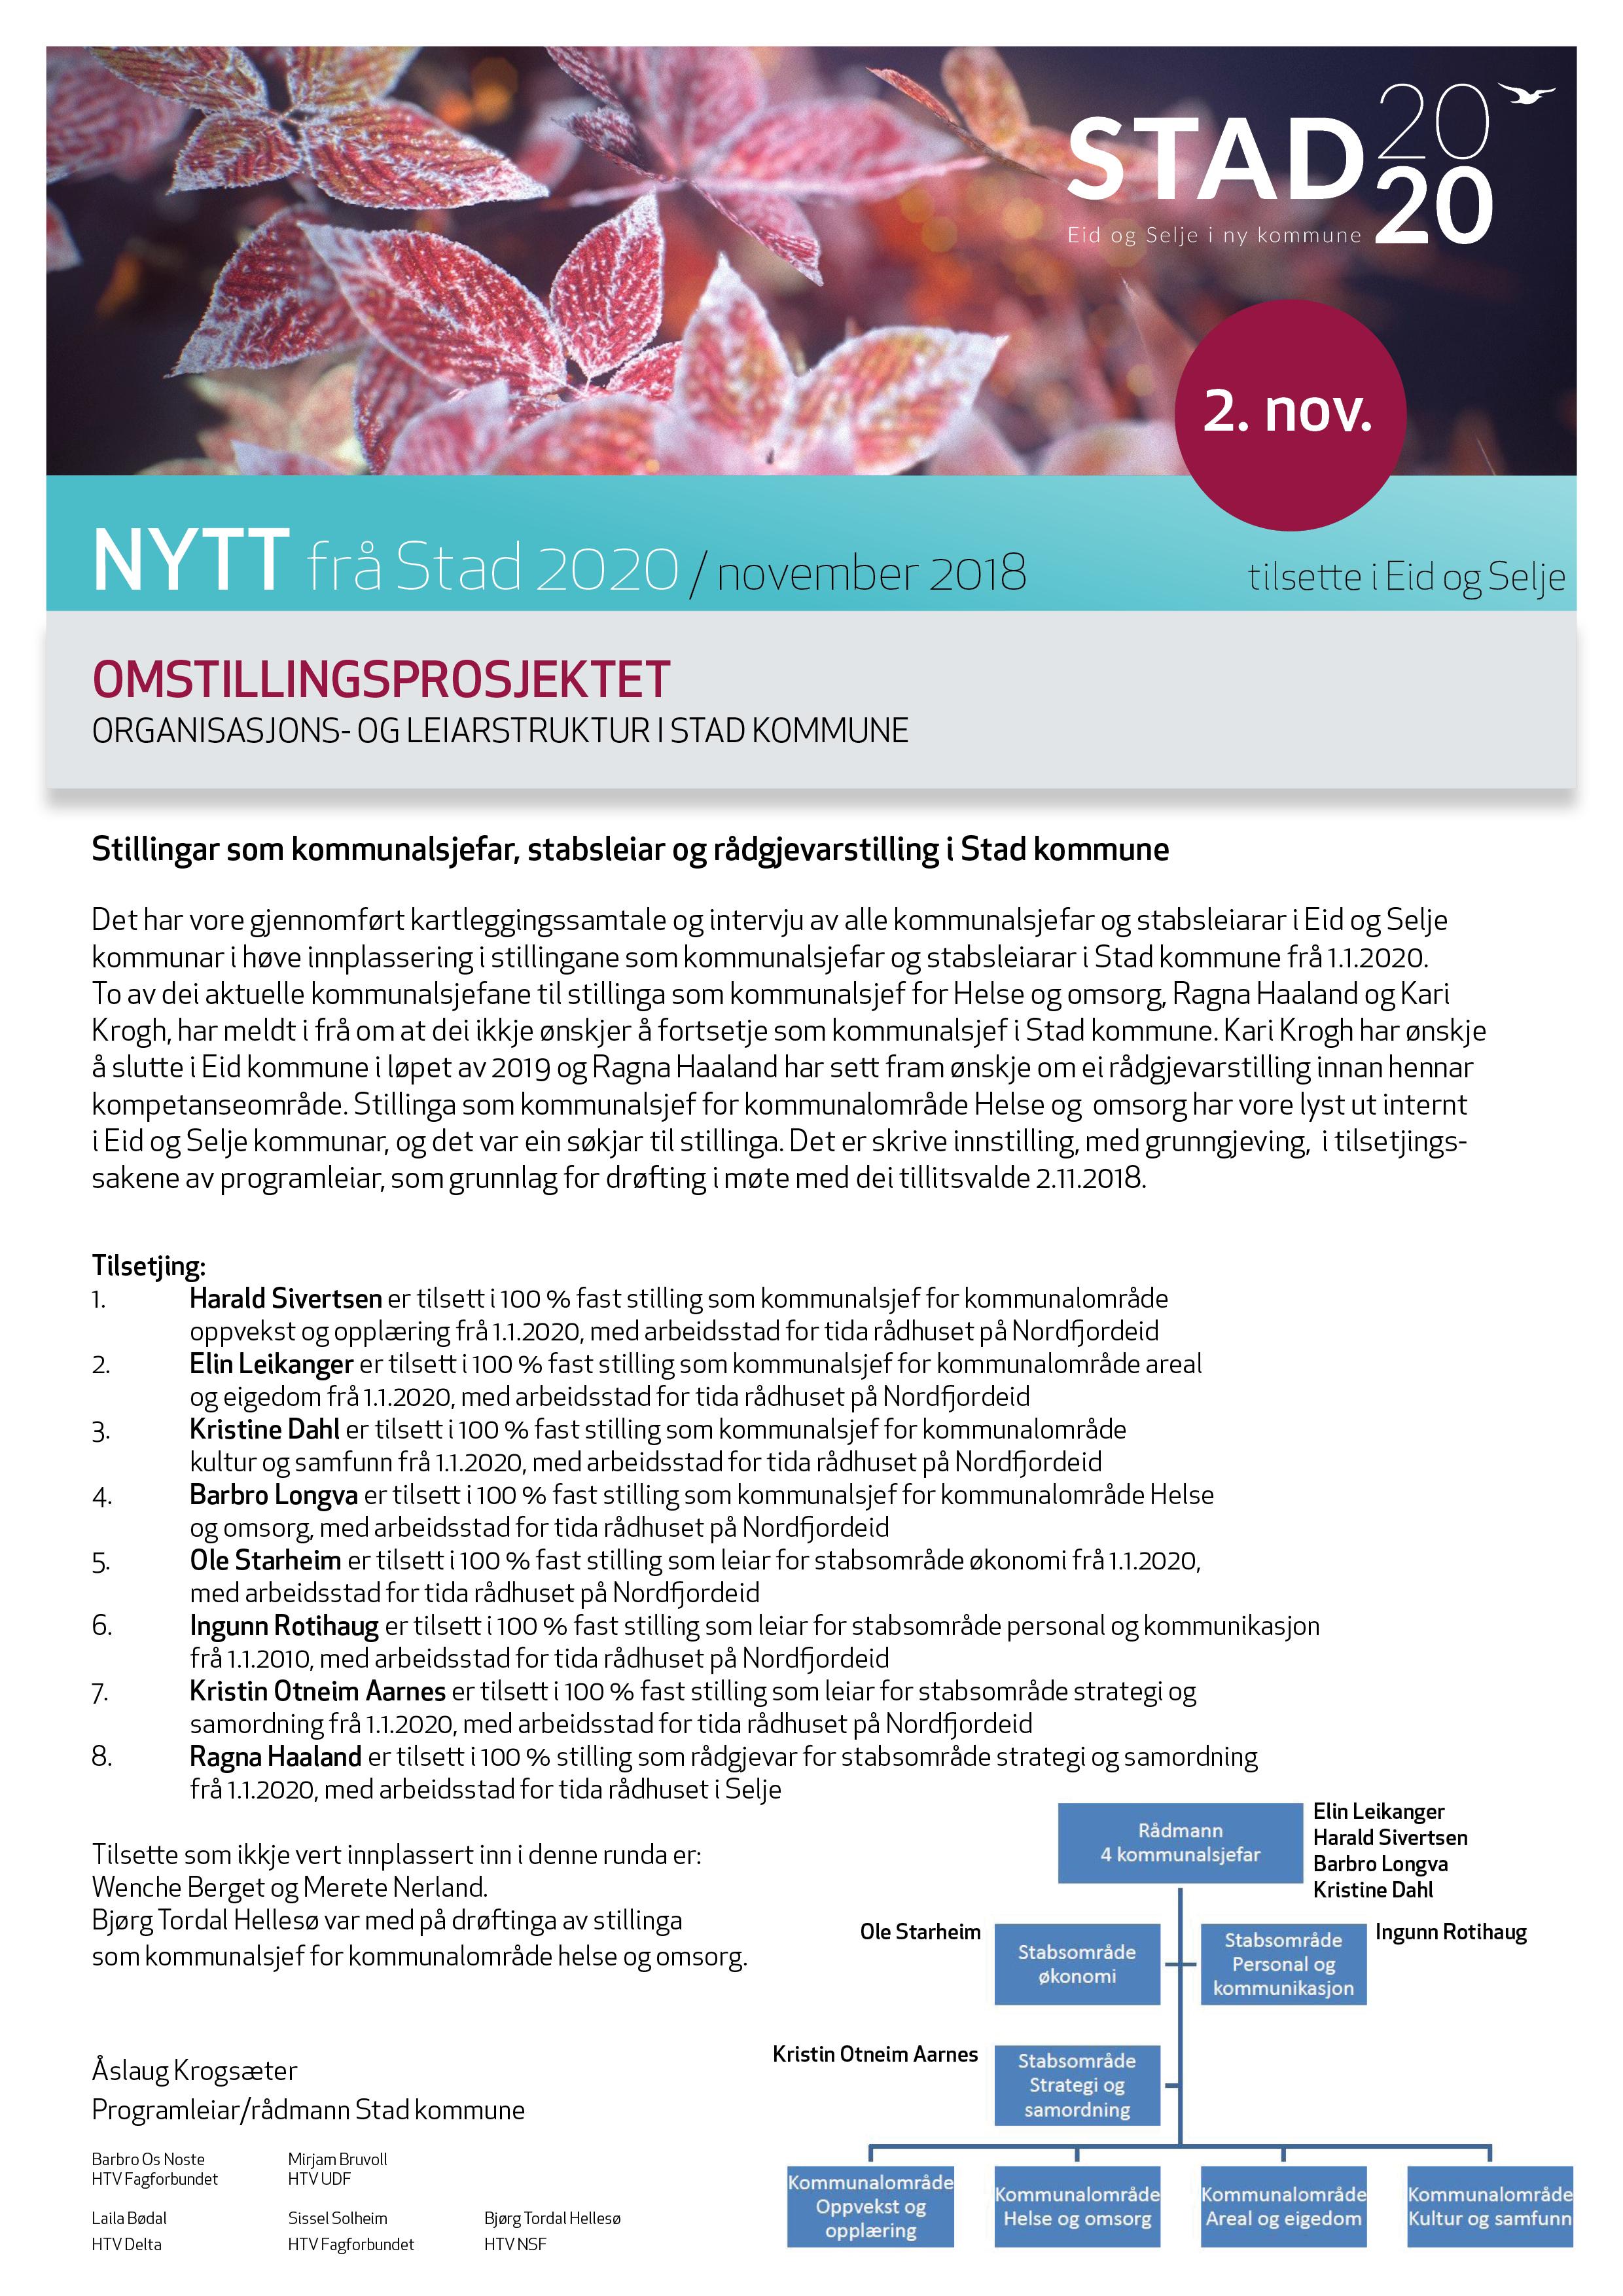 NYTT Stad 2020 2. nov 2018 - omstillingsprosjektet.jpg